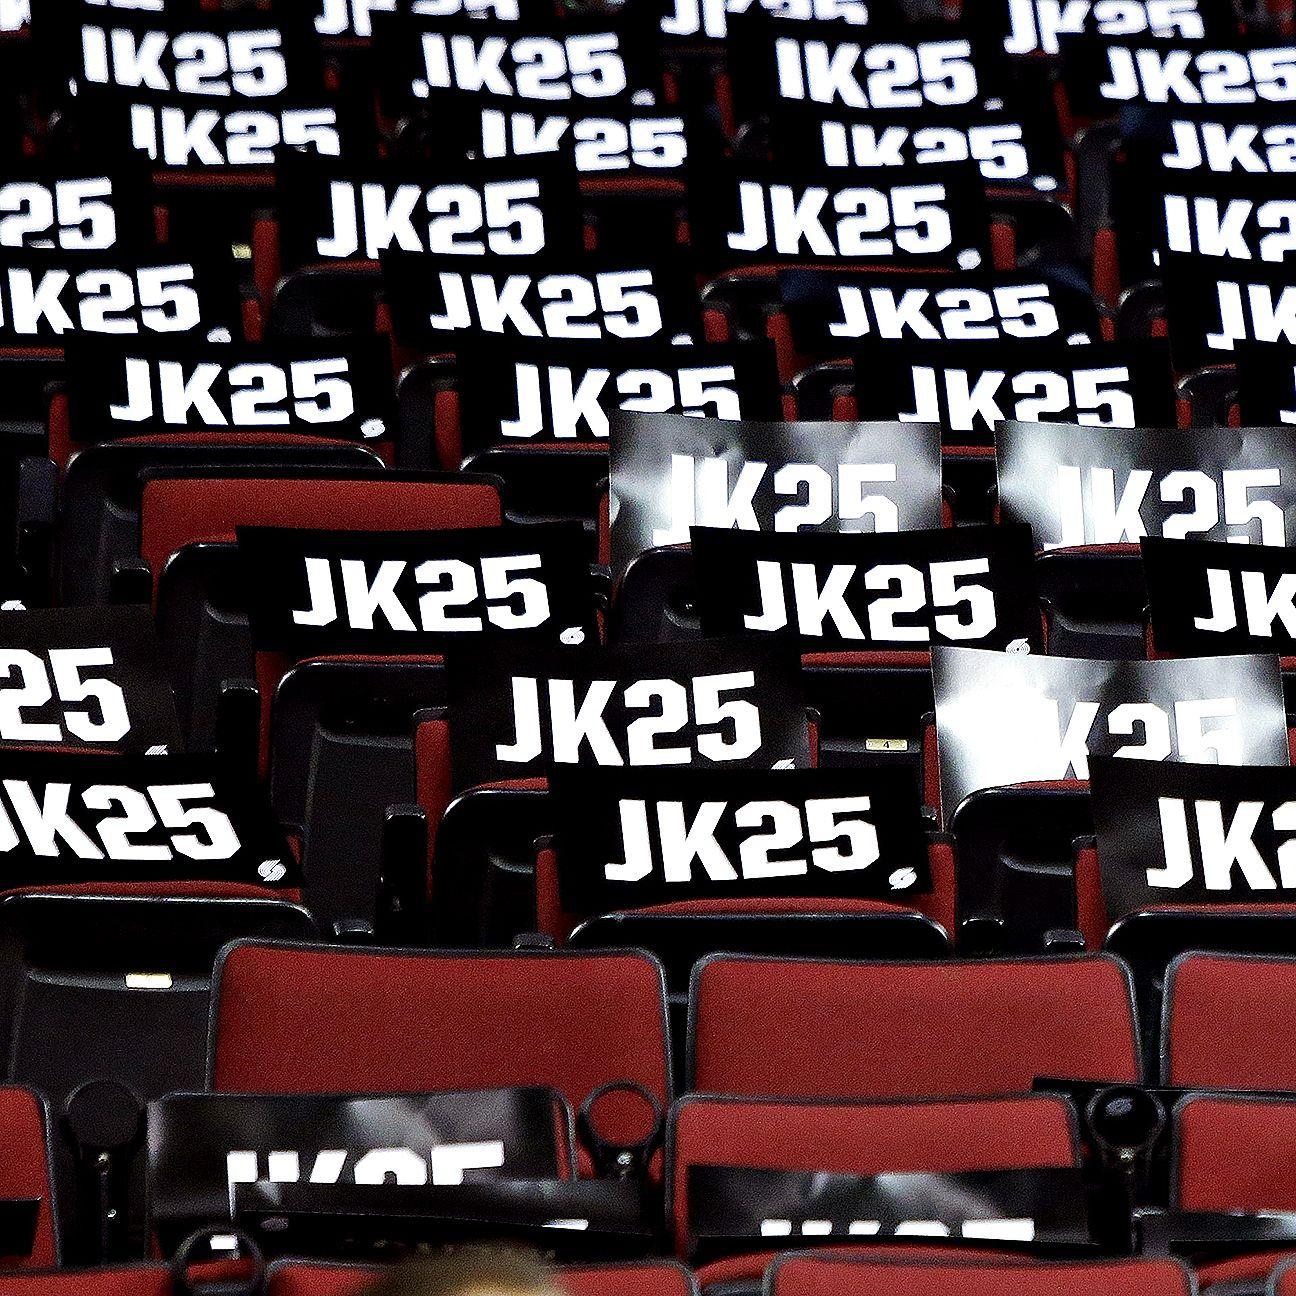 Portland Trail Blazers Contracts: Portland Trail Blazers Honor Late Ex-Blazer Jerome Kersey